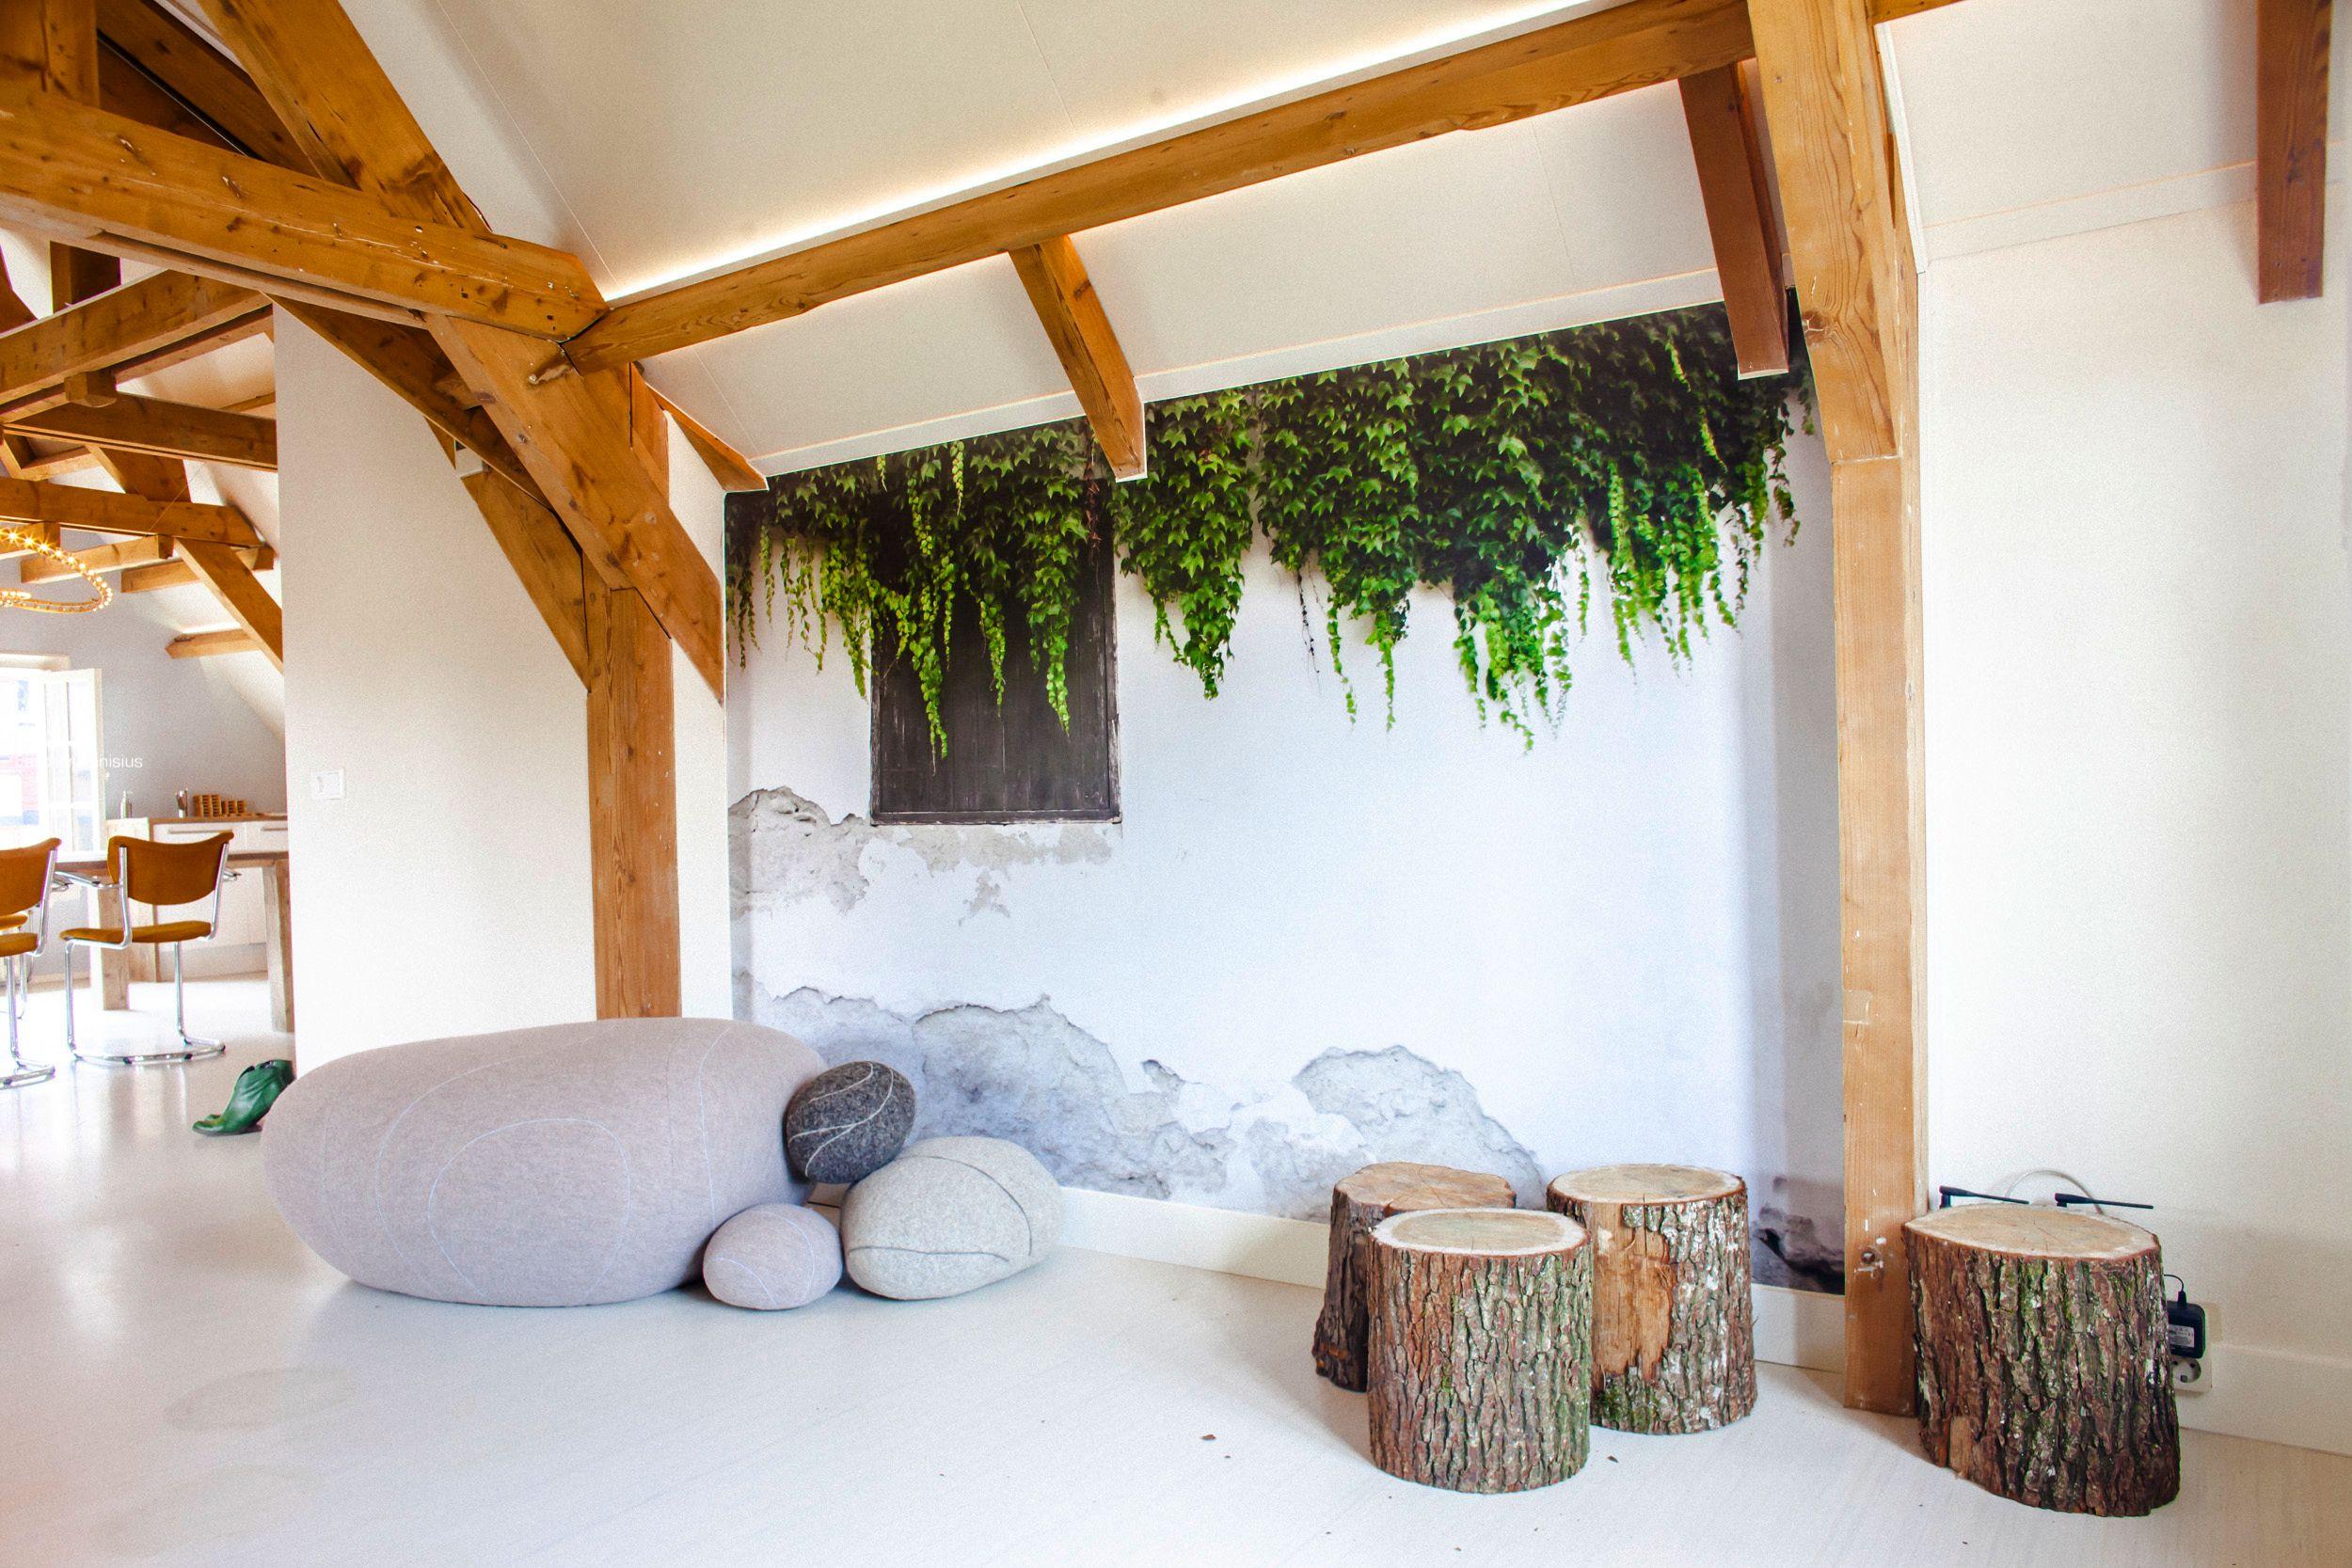 interieur #interieurontwerp #loft #zolder #smarin #livingstones ...